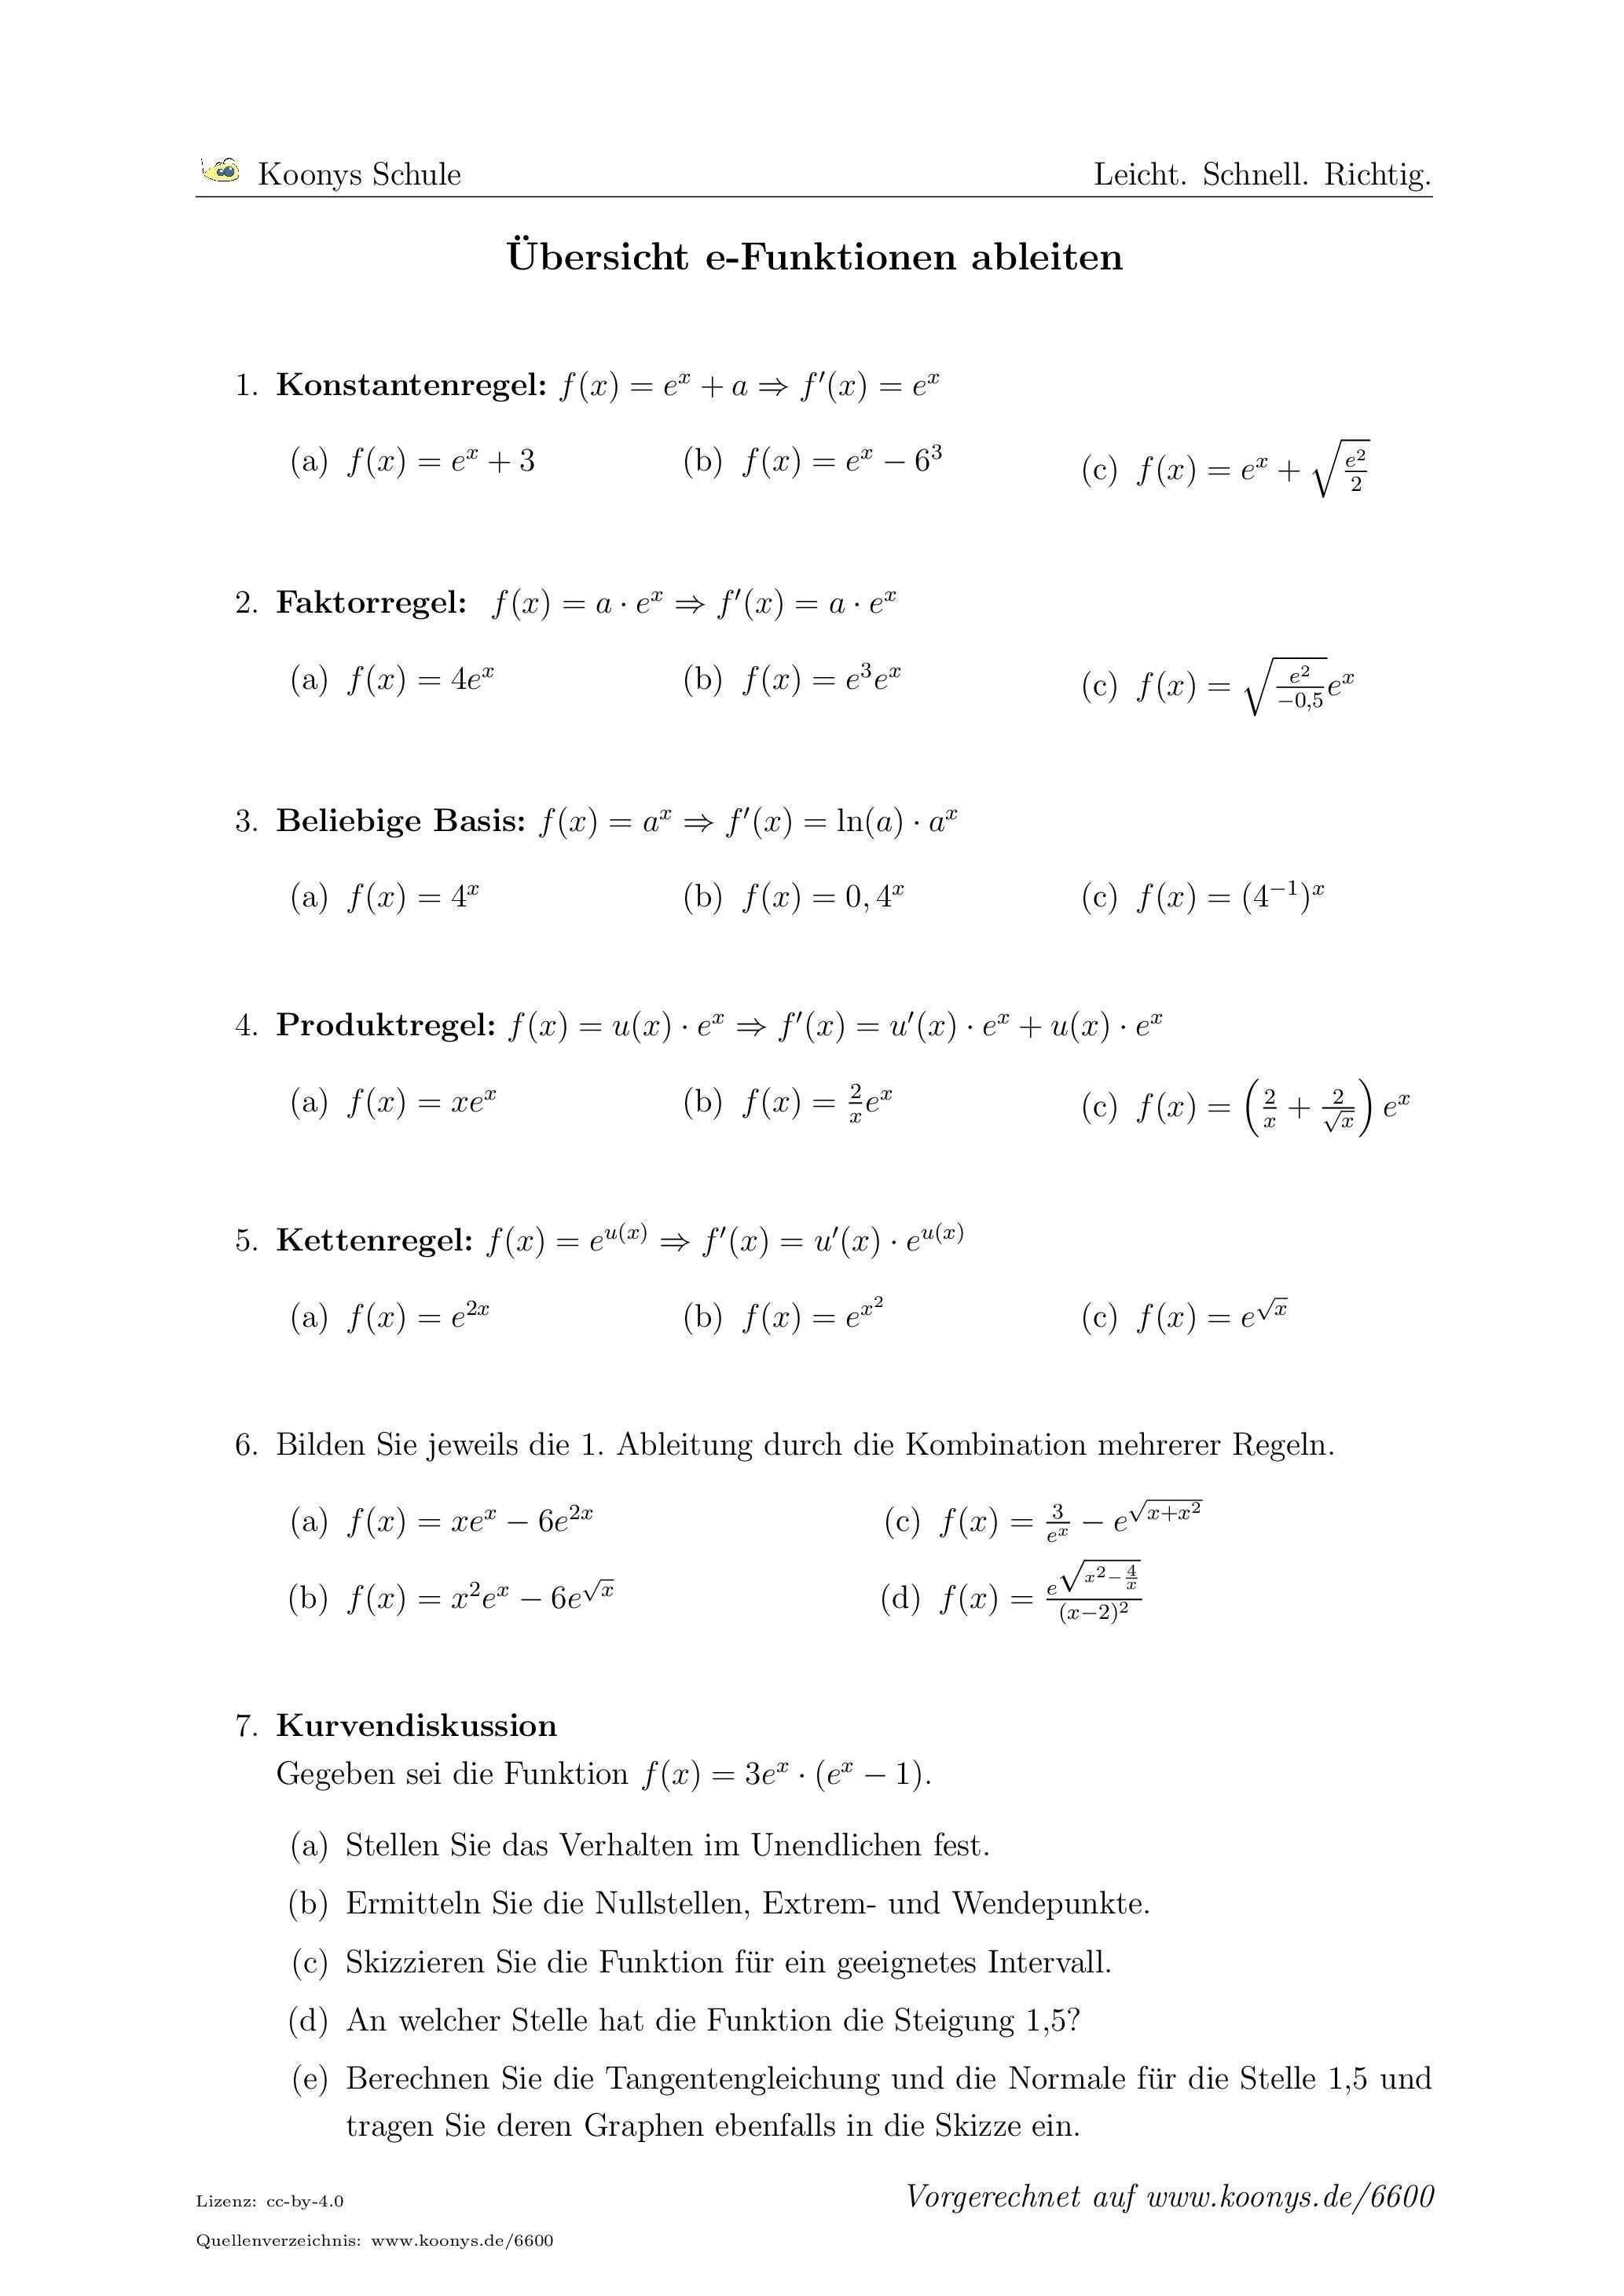 Ubersicht E Funktionen Ableiten Alle Aufgaben Auf Www Koonys De 6600 Vorgerechnet Nachhilfe Mathe Mathe Formeln Mathematik Lernen